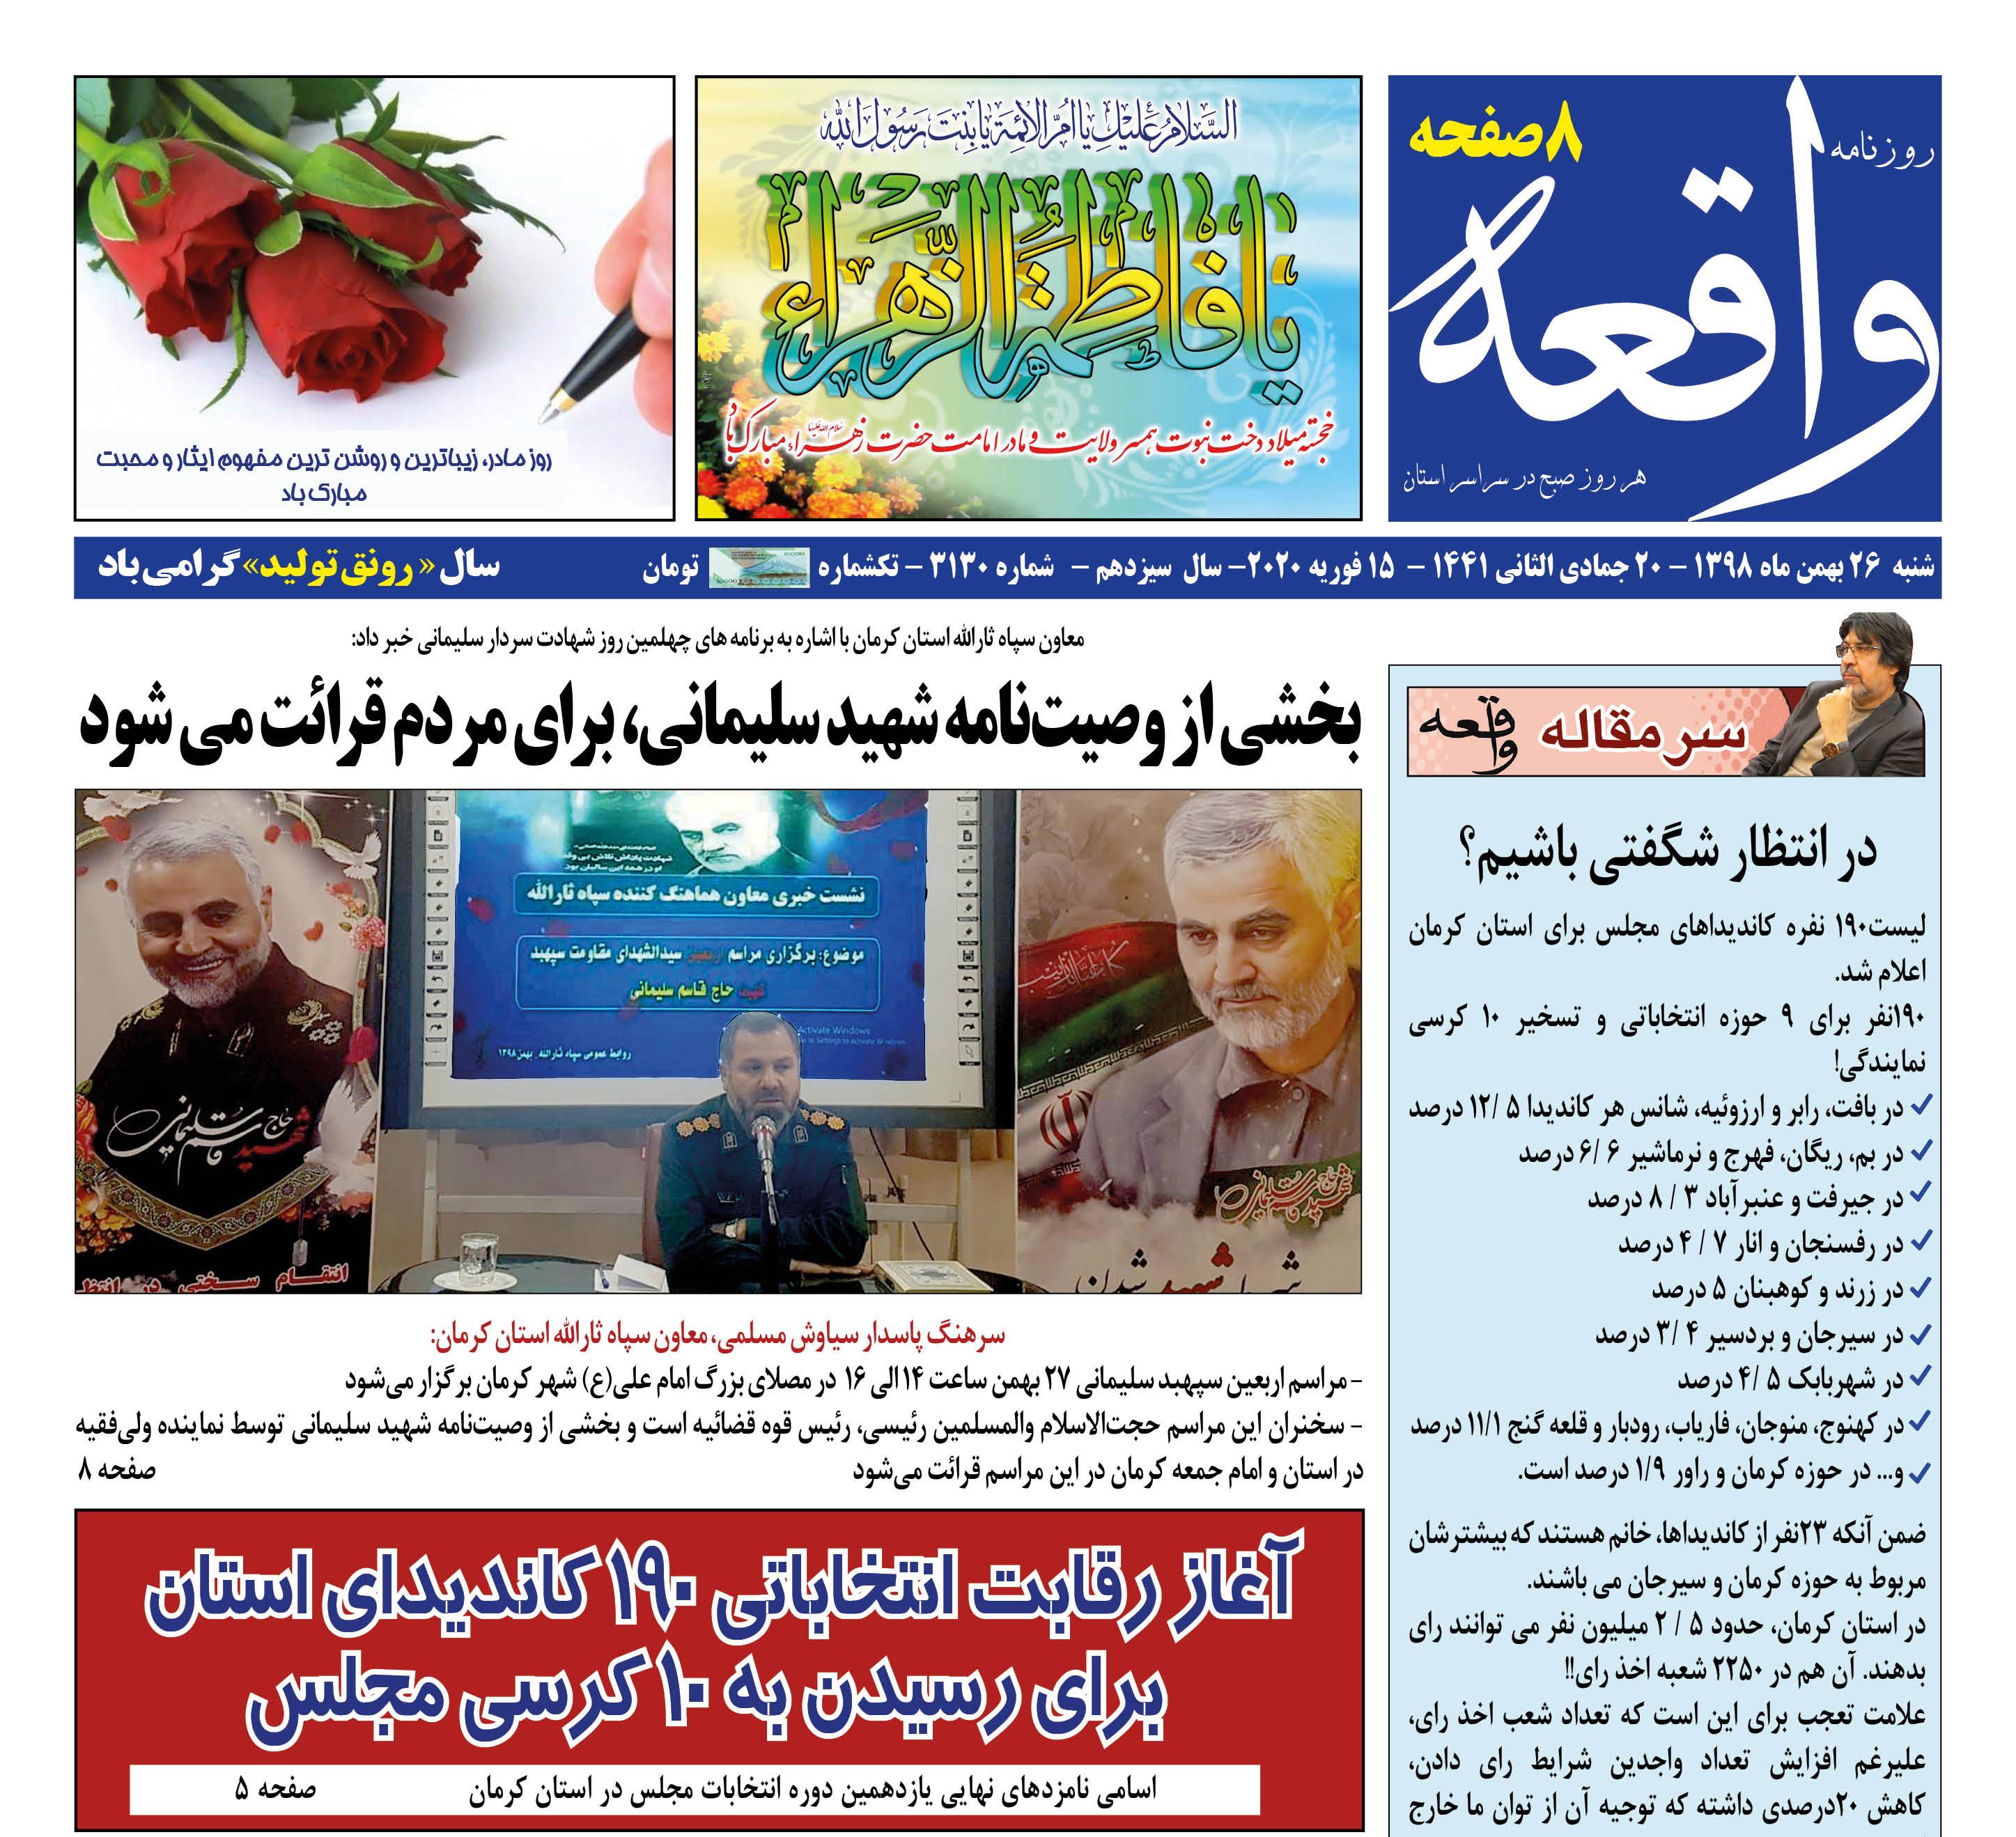 به روشنی اربعین سردار/افتتاح ۱۳ طرح ورزشی در استان